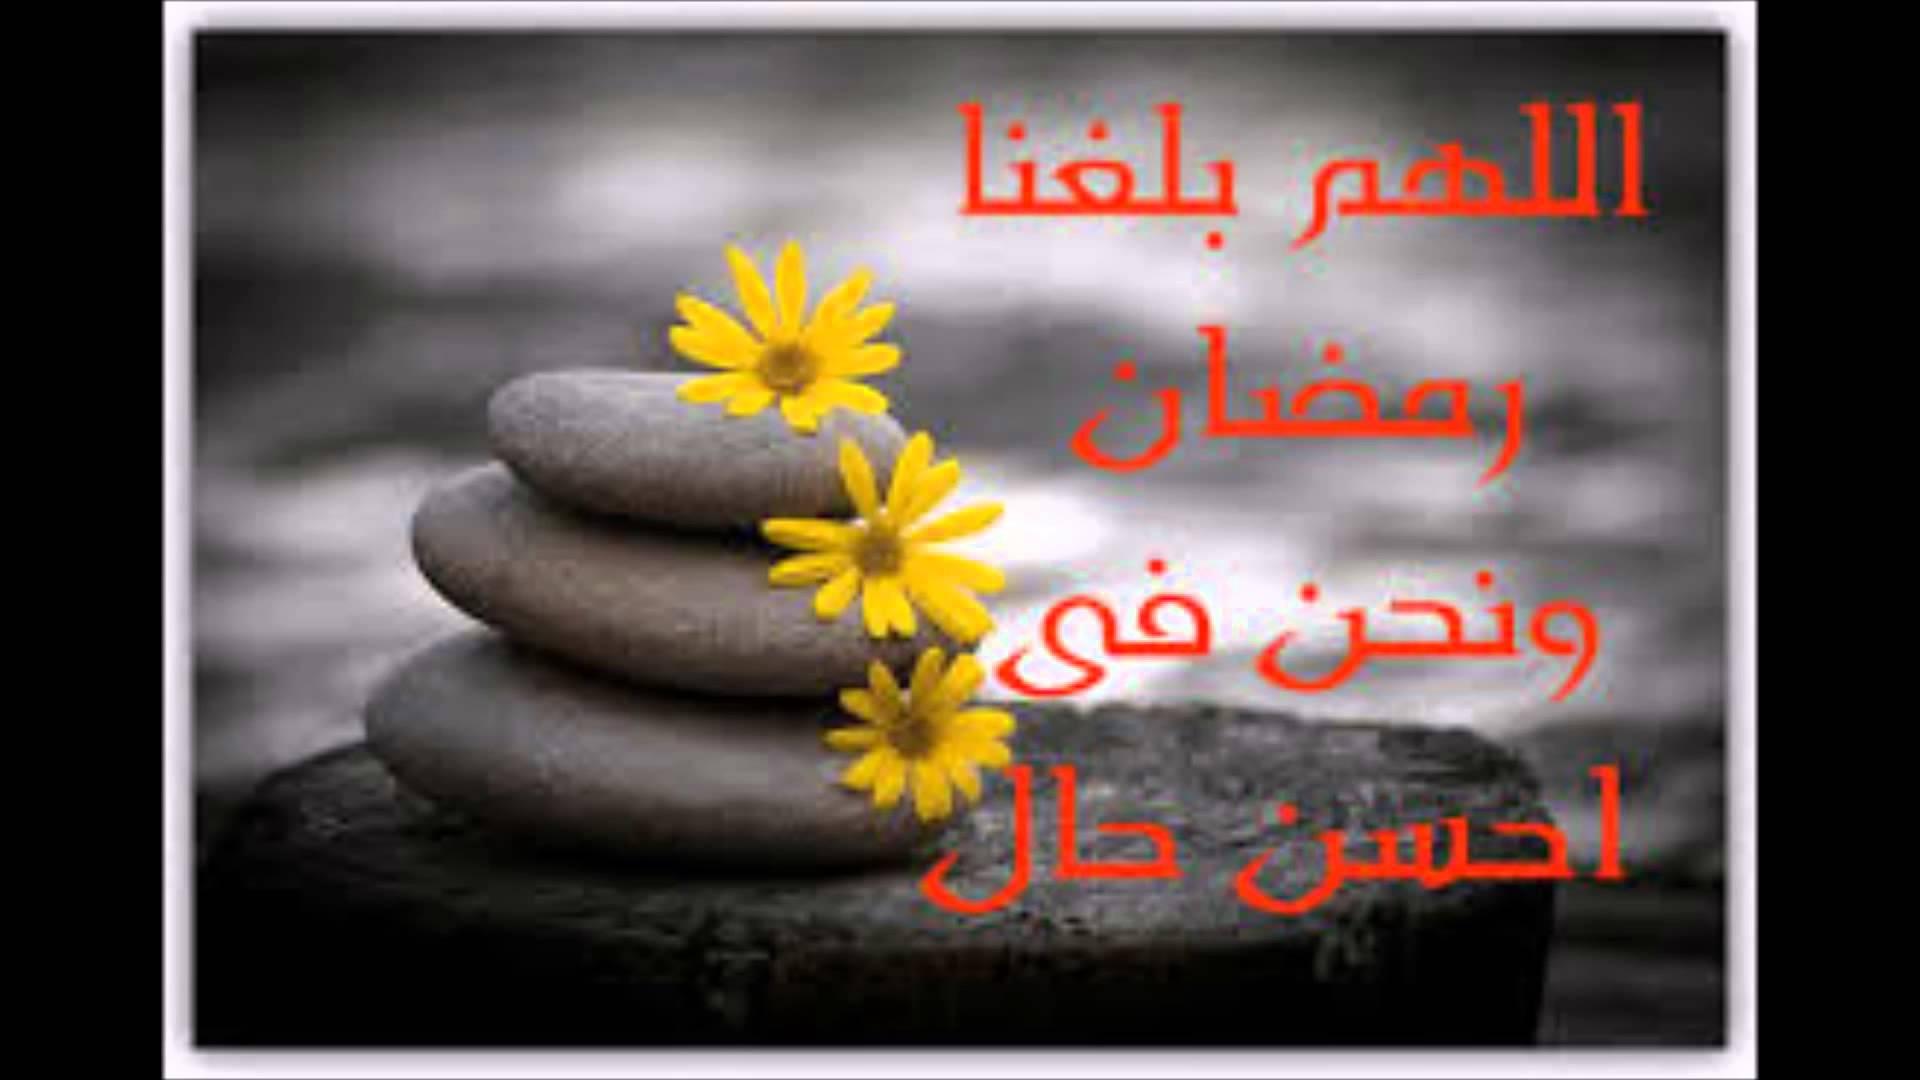 بالصور توبيكات رمضان , حالات واتس لرمضان 5330 7